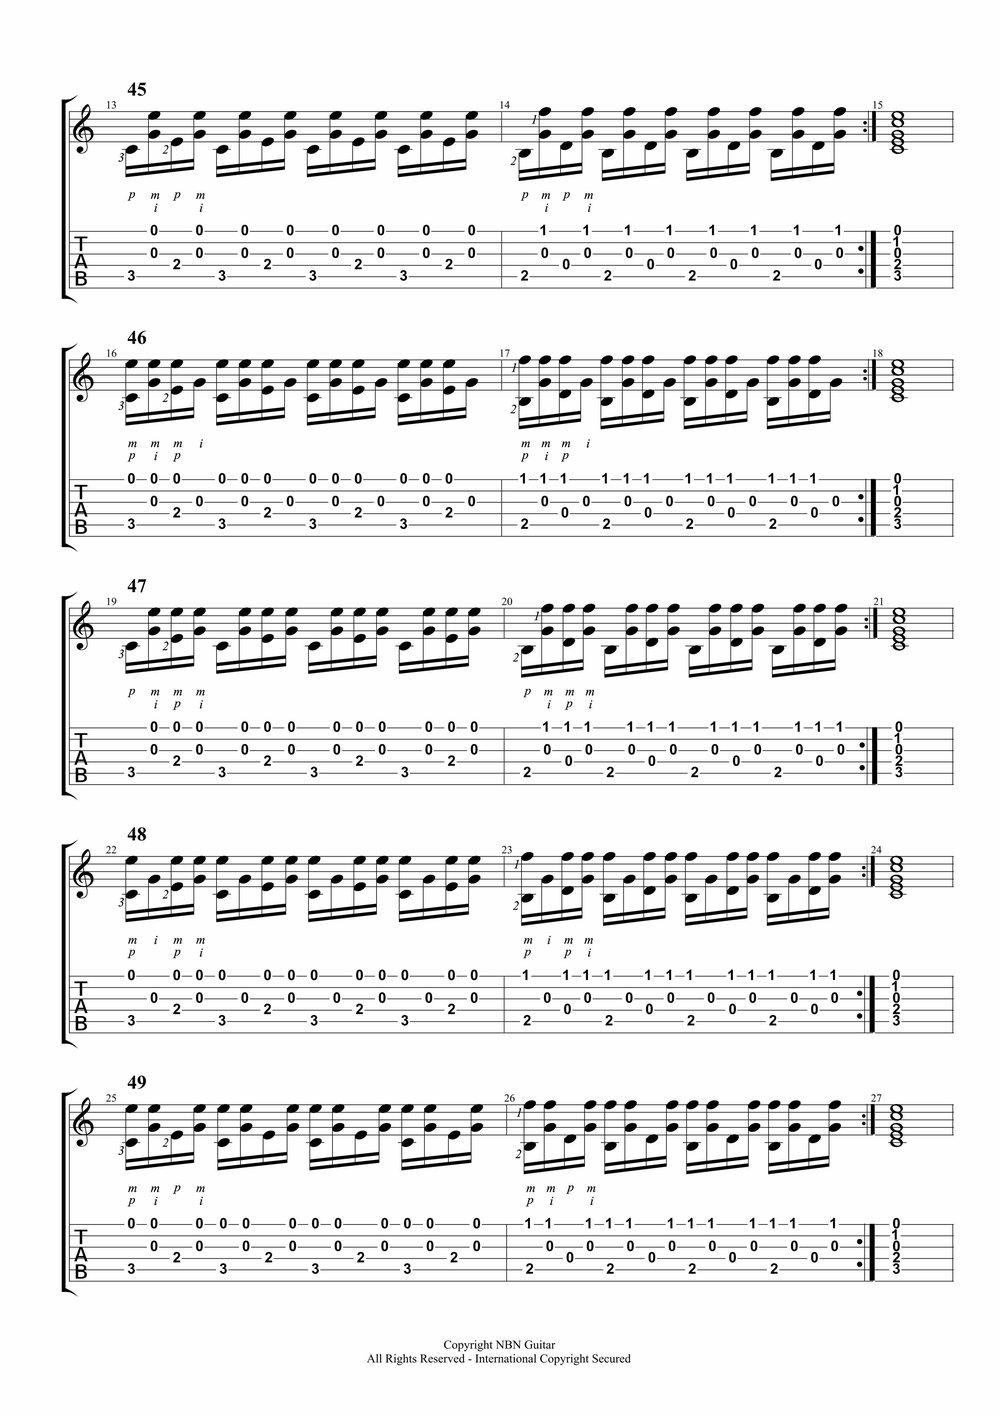 Giuliani Right-Hand Studies 41 to 50-p2.jpg